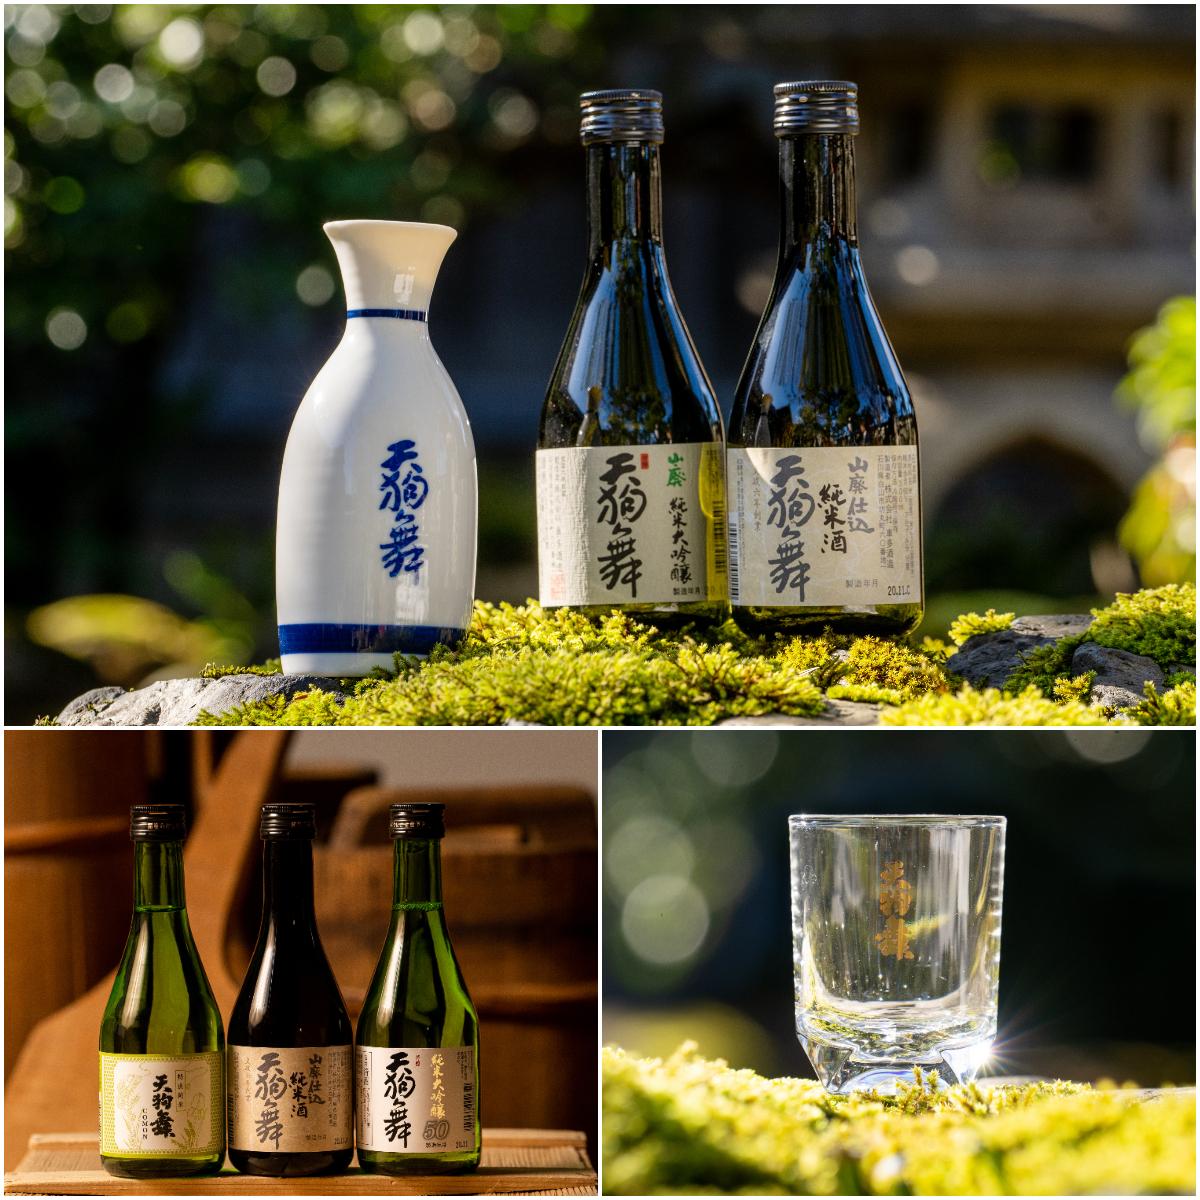 国際ワイン品評会で金賞に輝いた「天狗舞 山廃セット」がECサイトに登場